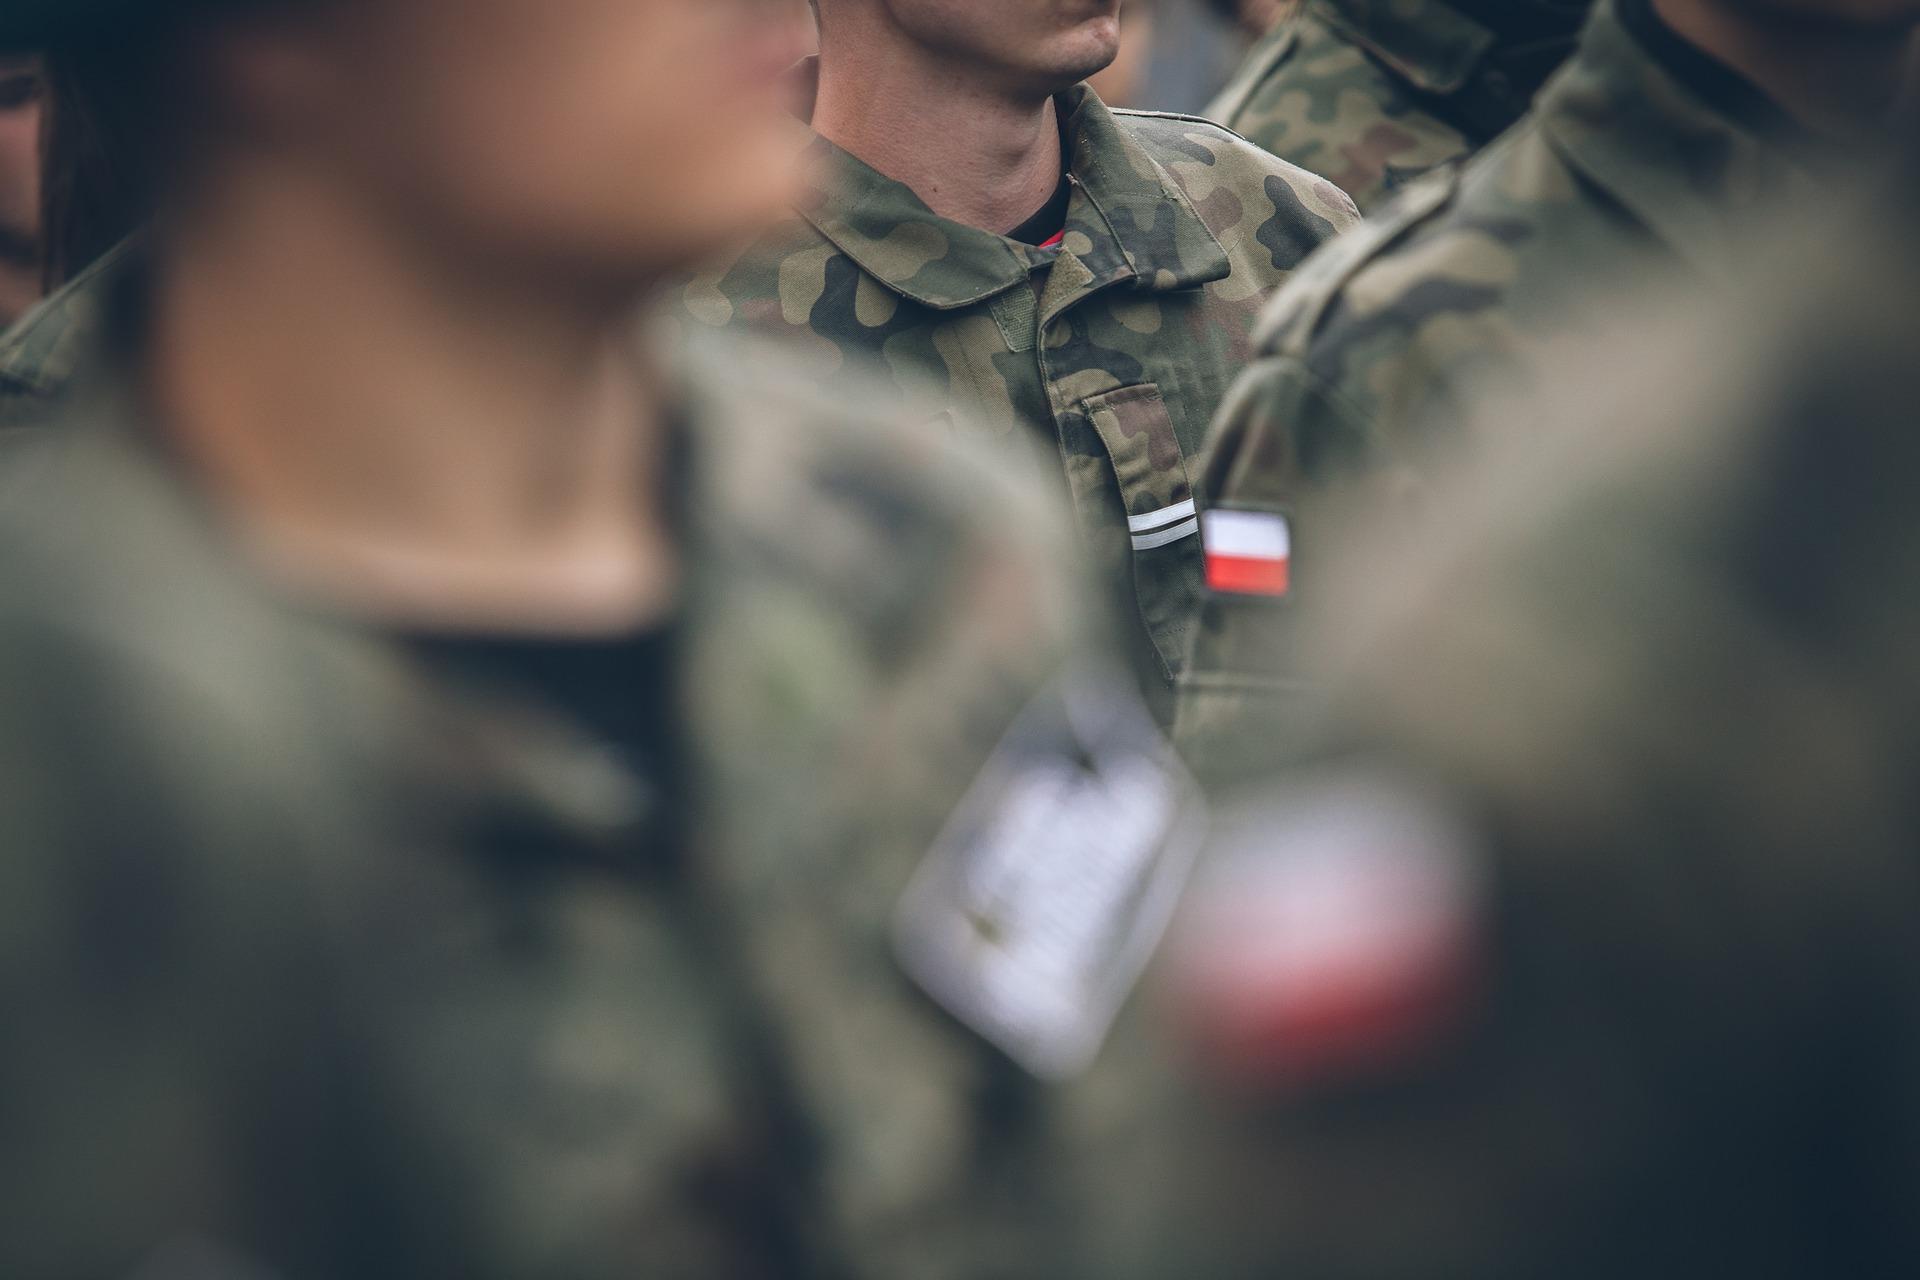 rozwiązanie umowy o pracę z żoną żołnierza